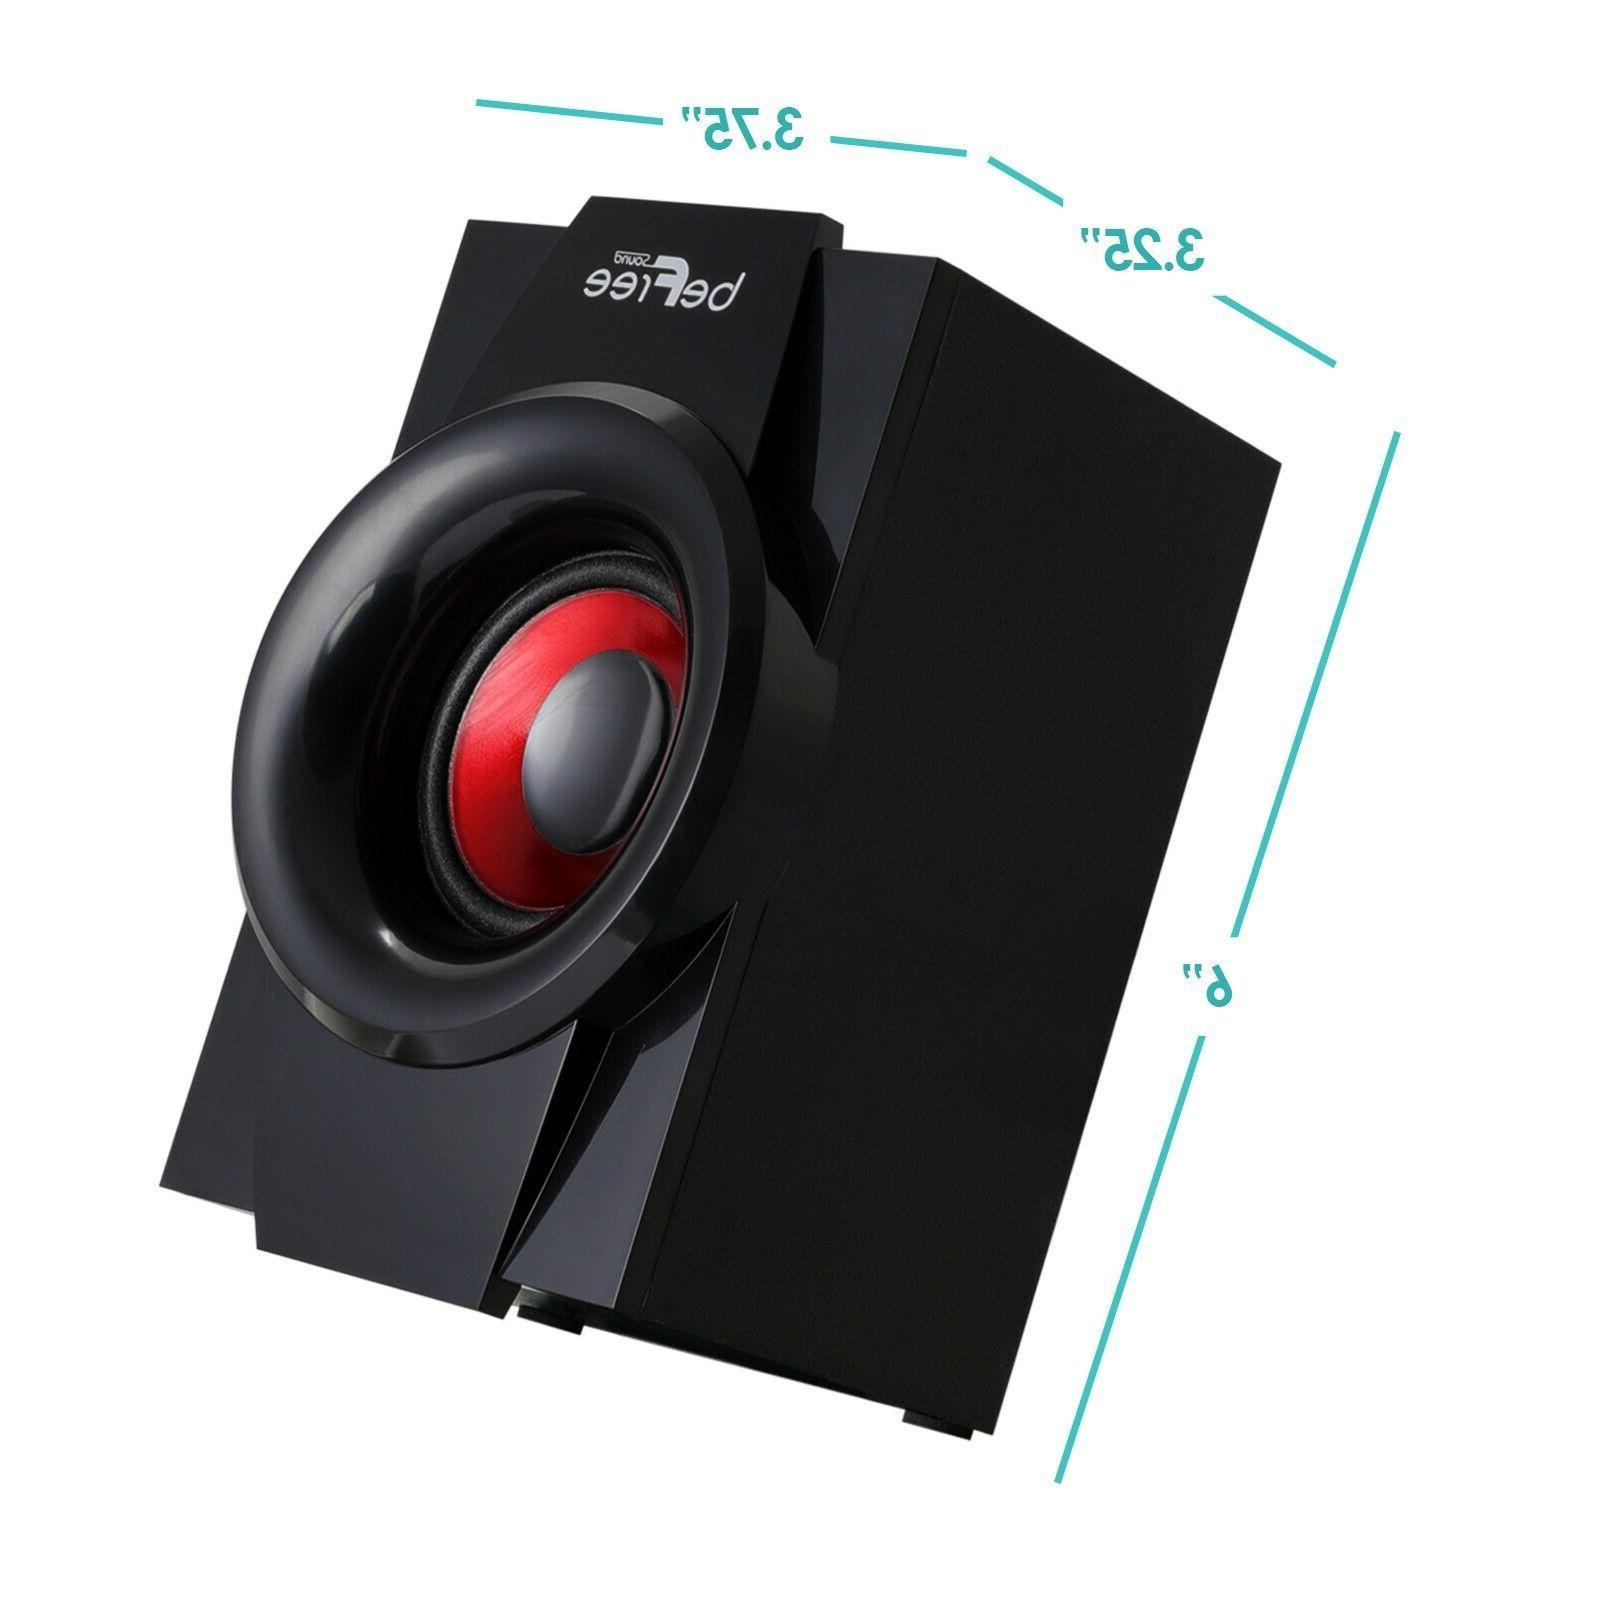 5.1 BFS-410 SURROUND SPEAKER SYSTEM -